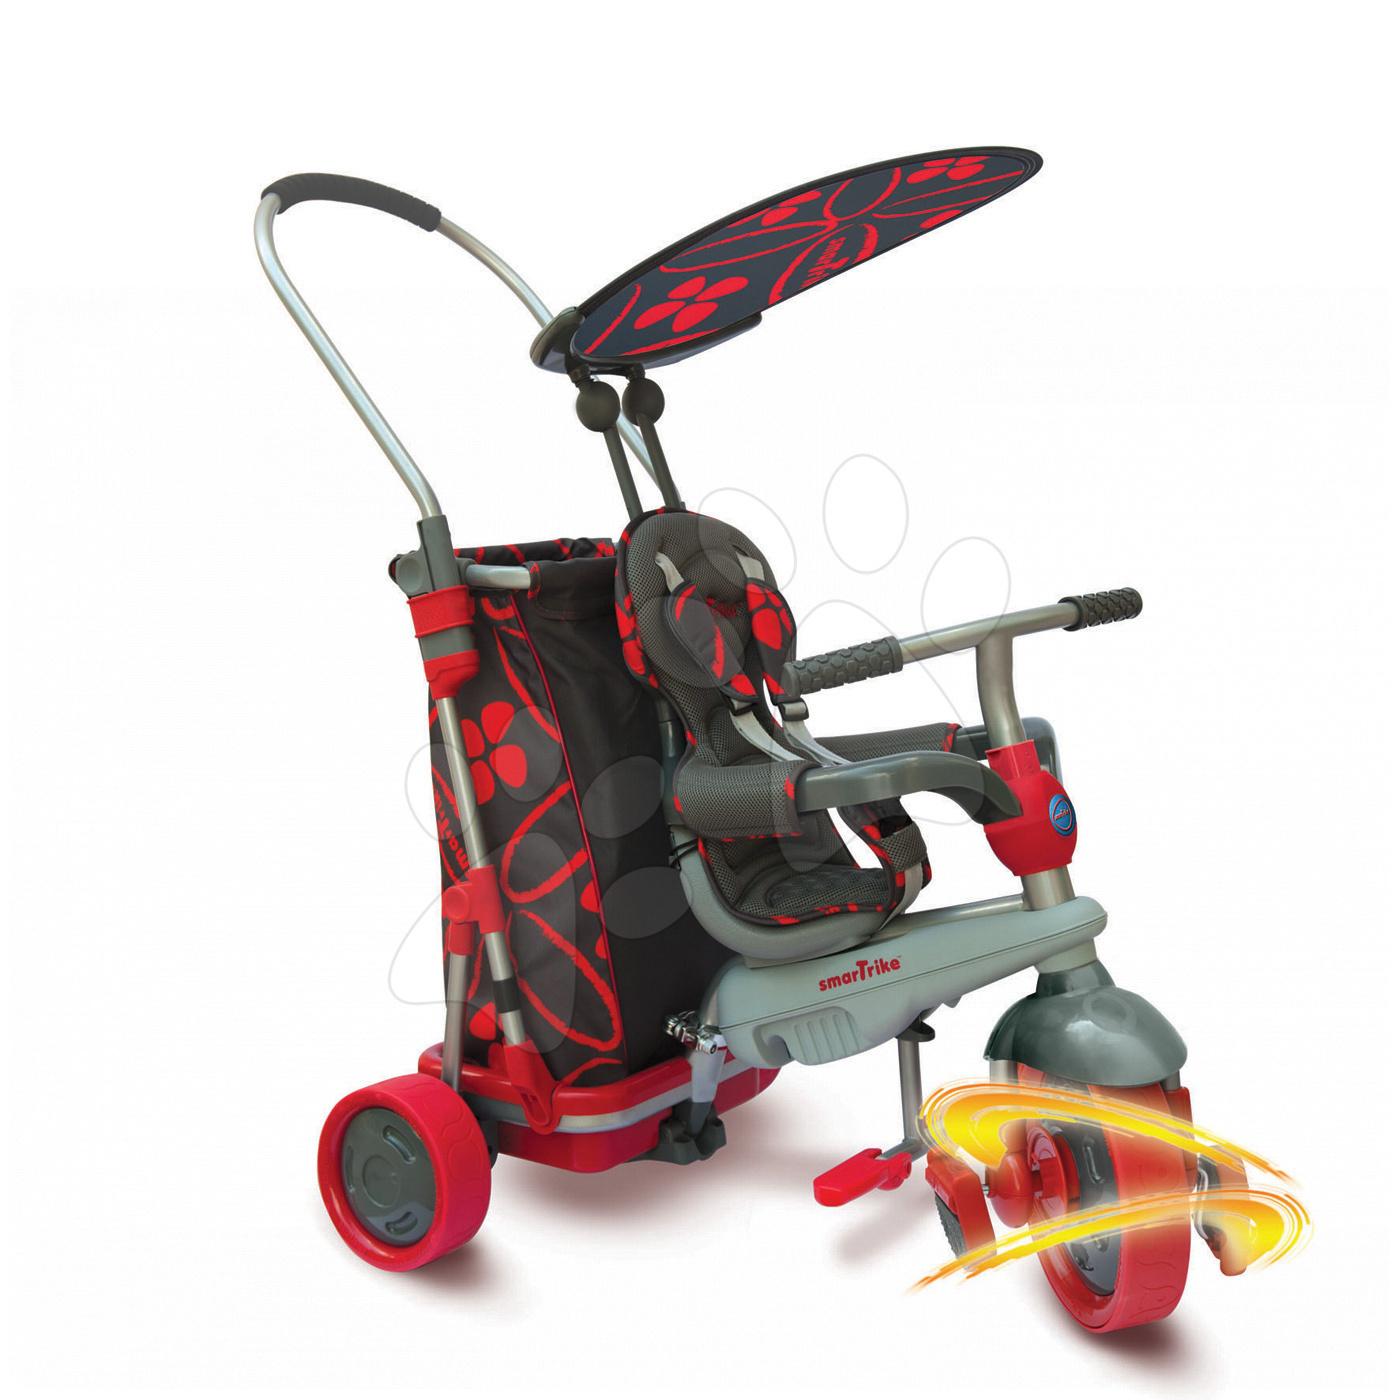 Tříkolka smarTrike Go Touch Steering s nákupním vozíkem černo-červená od 10 měsíců